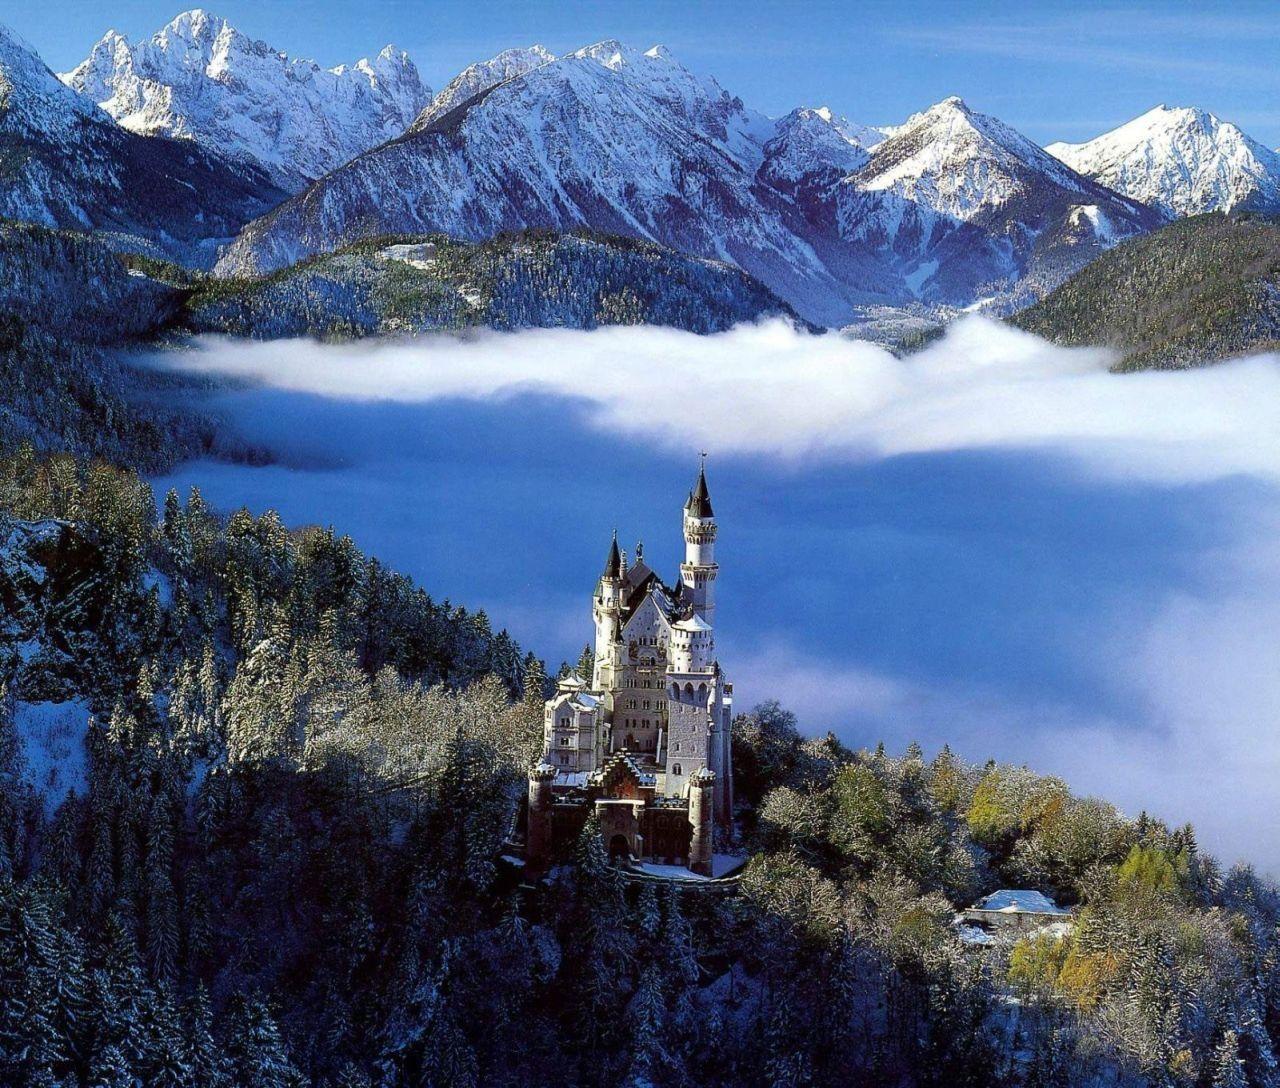 Tales Of Faerie Neuschwanstein Fairy Tale Castle Germany Castles Neuschwanstein Castle Fairytale Castle